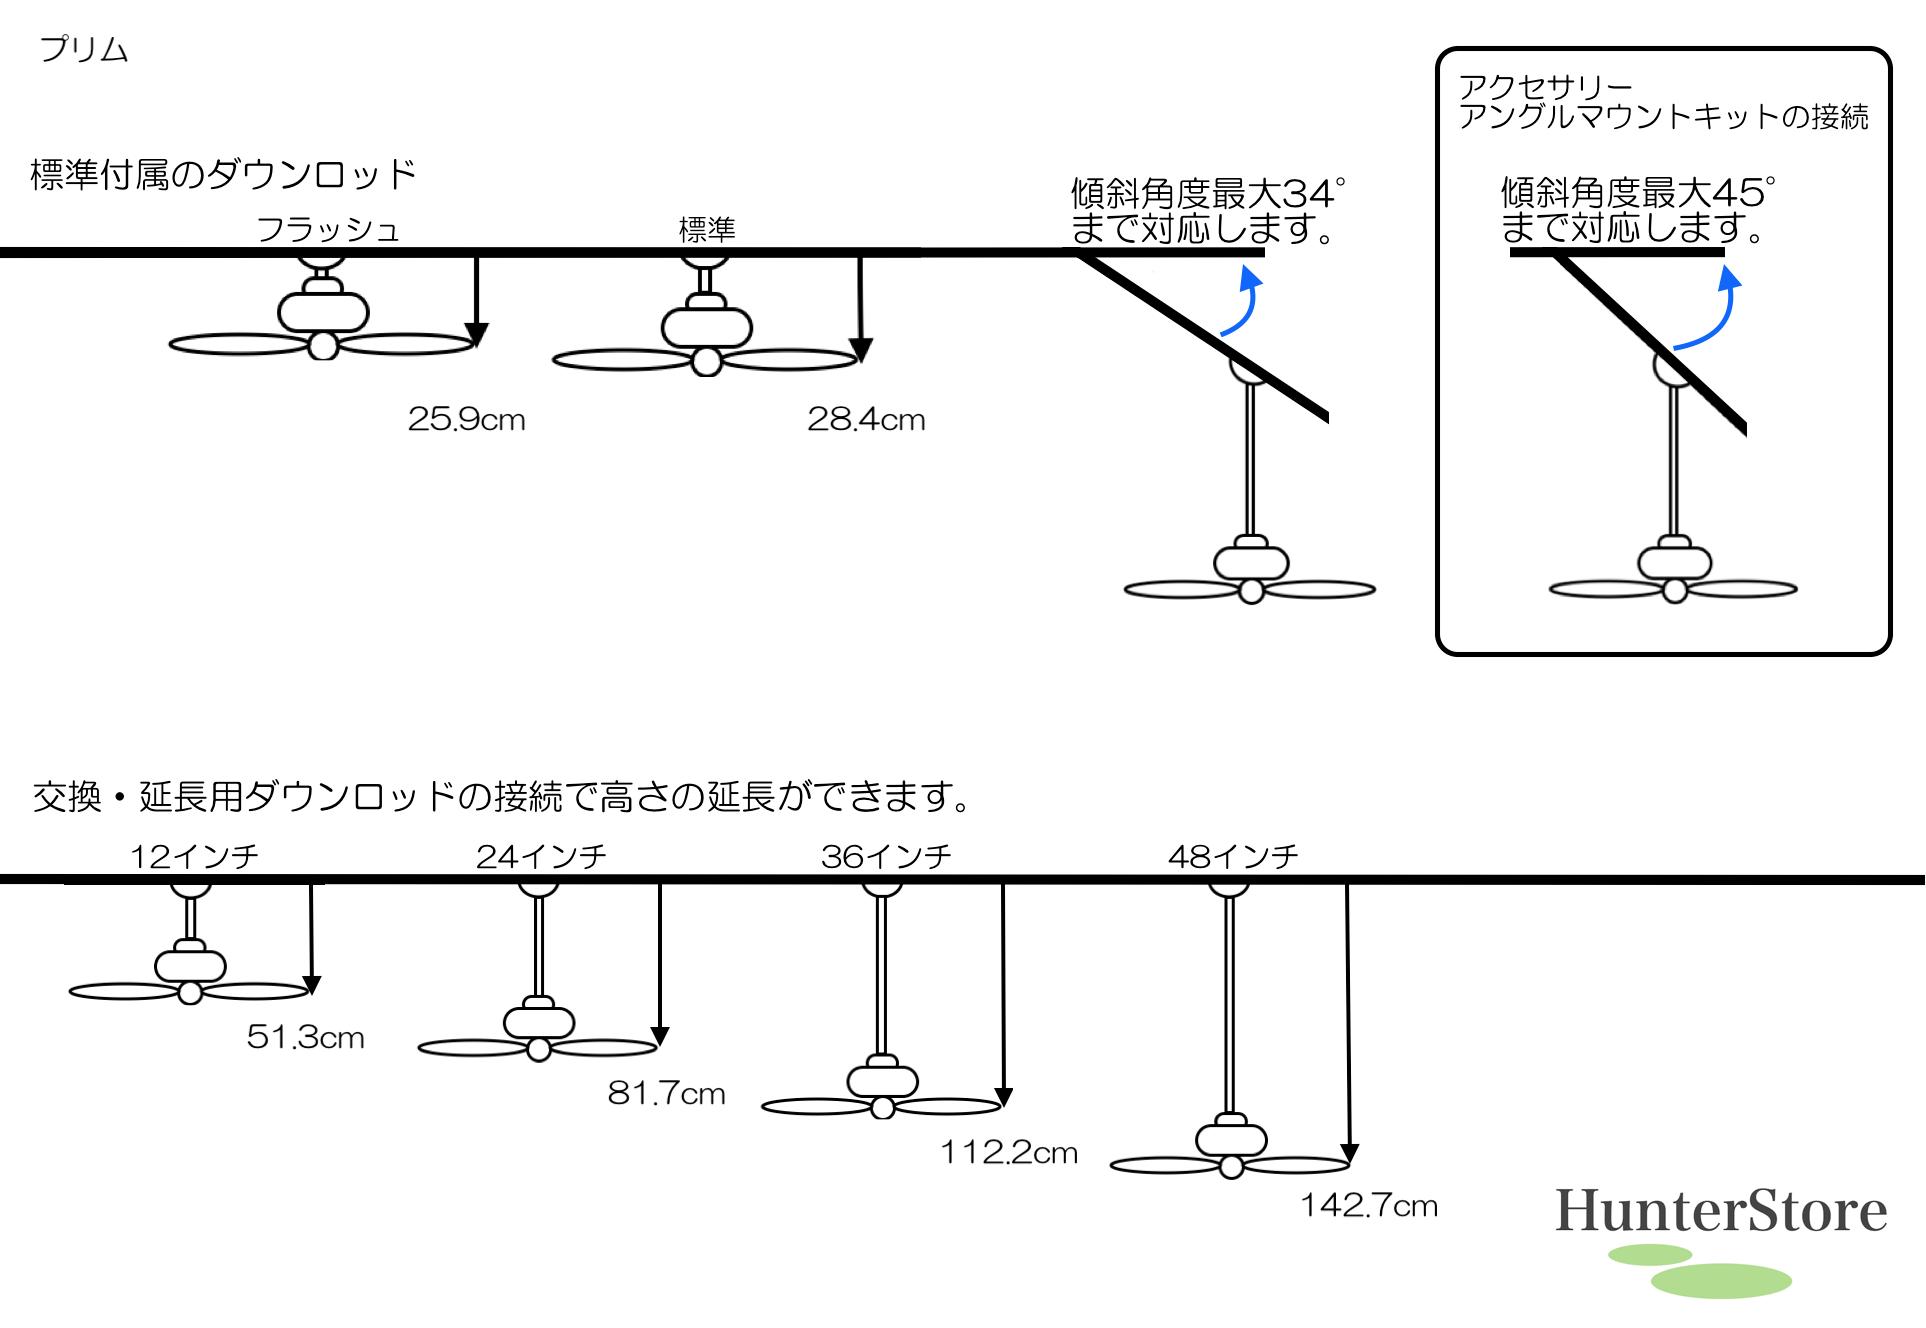 プリム 照明キット付【壁コントローラ・42㌅122cmダウンロッド付】 - 画像2